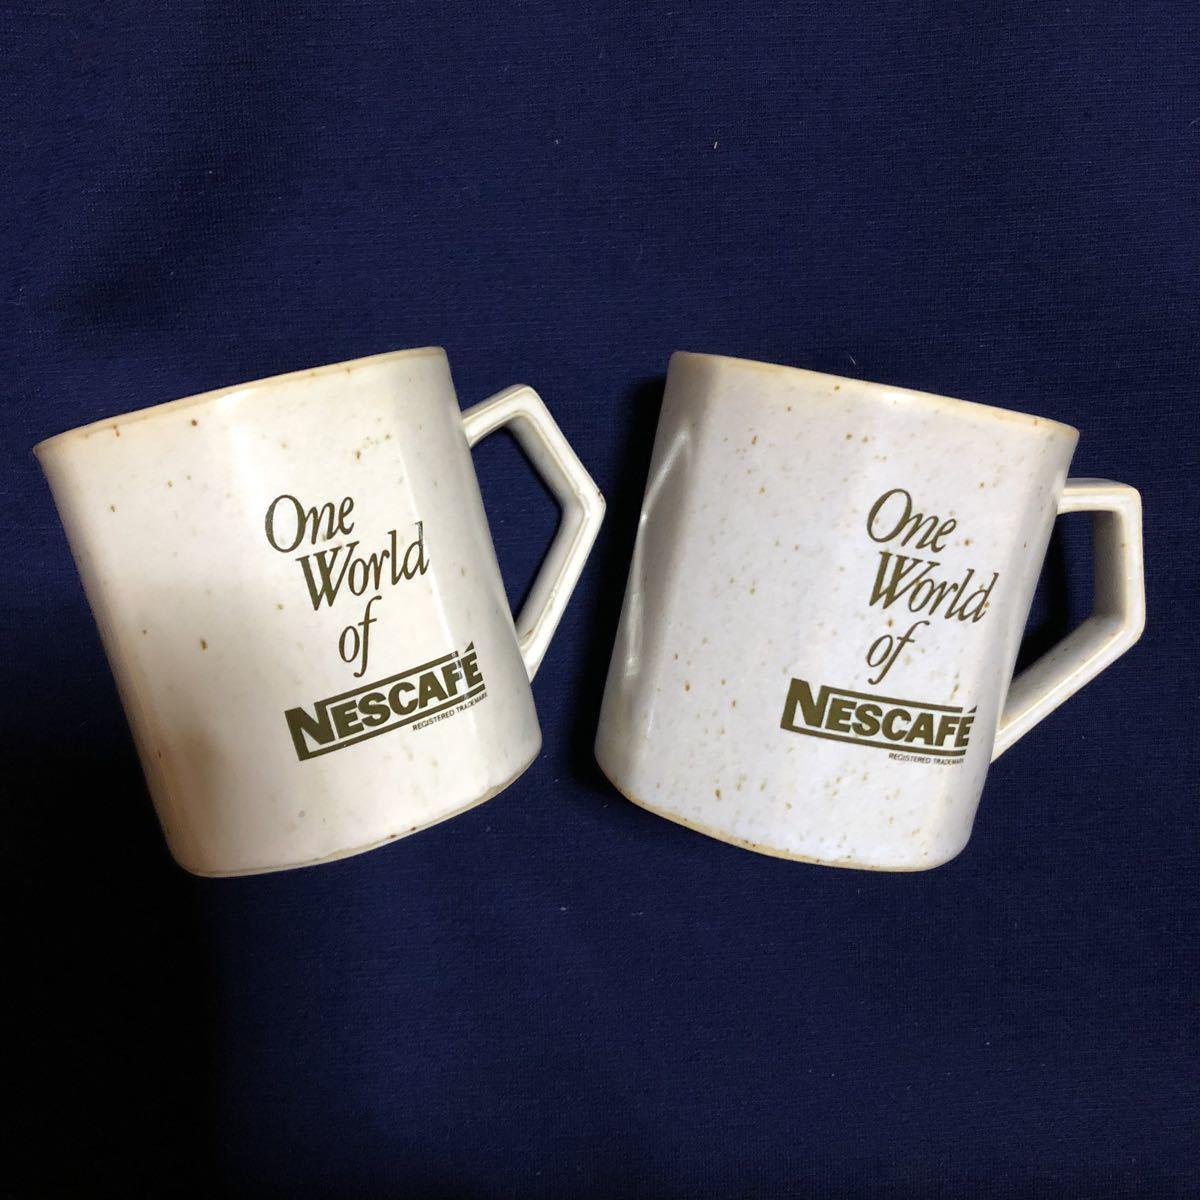 *昭和レトロ*激レア非売品 ネスカフェ NESCAFE マグカップ 2個セット ノベルティ 当時物_画像1